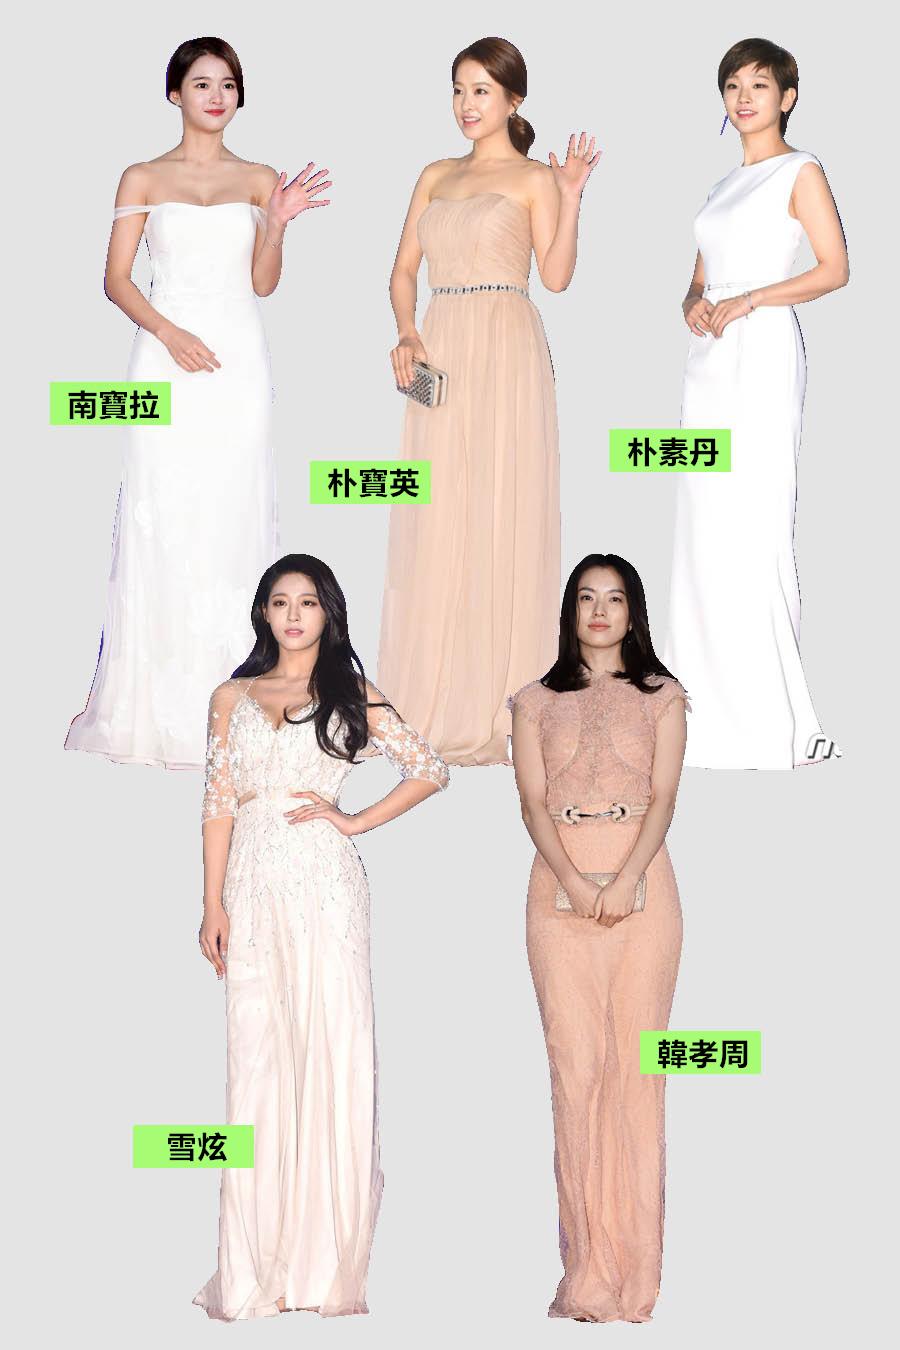 五位女演員當中,雪炫的仙女裝可以說是今年讓人印象最深刻的禮服了吧~